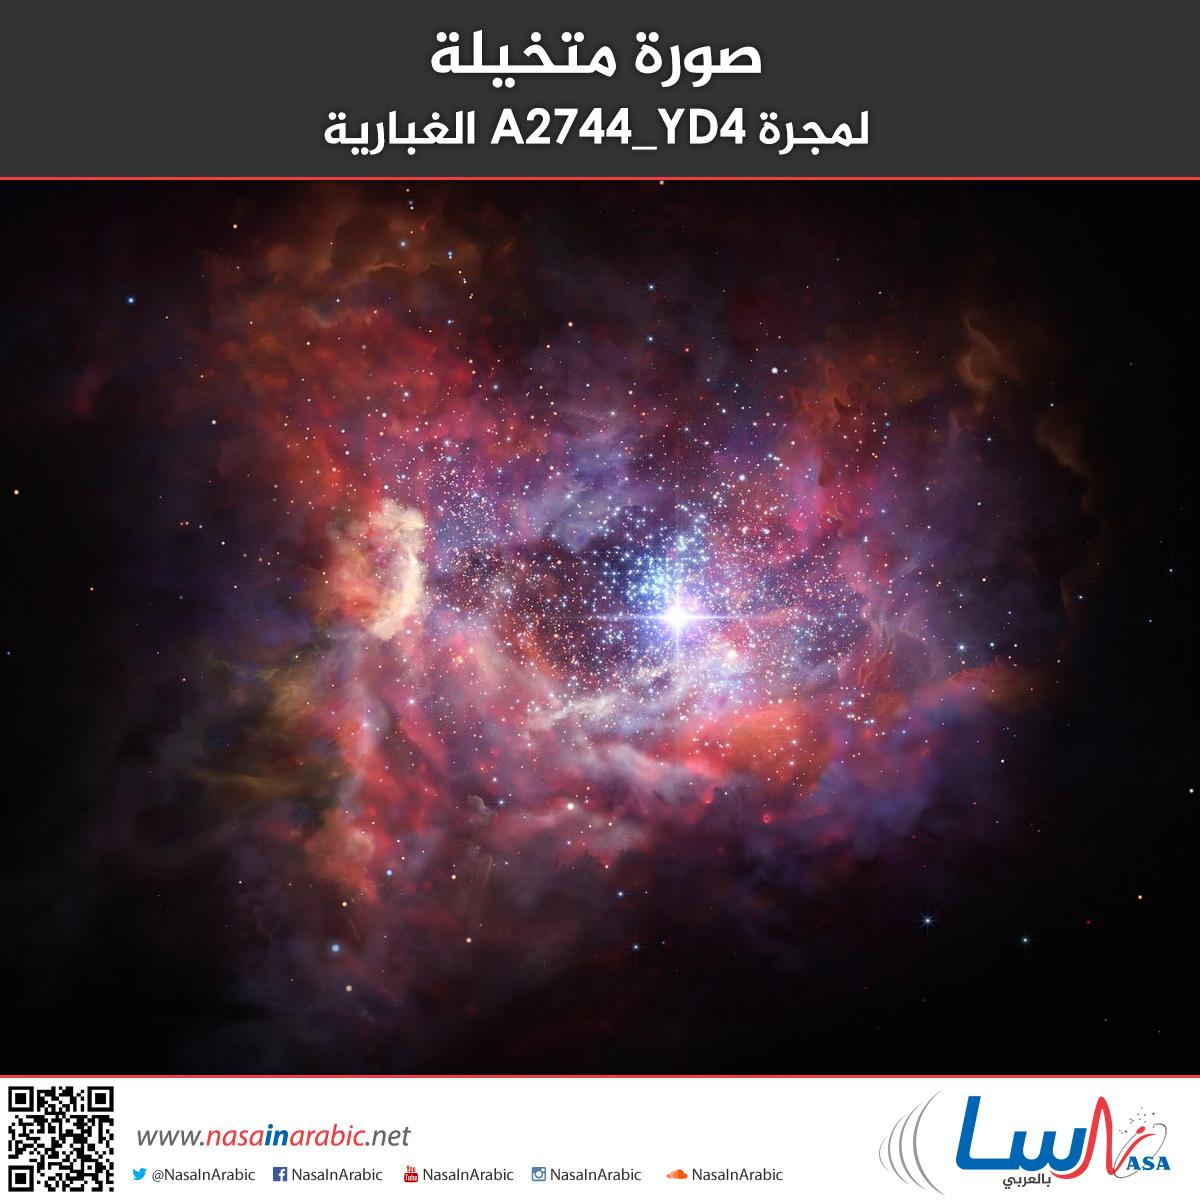 صورة متخيلة لمجرة A2744_YD4 الغبارية